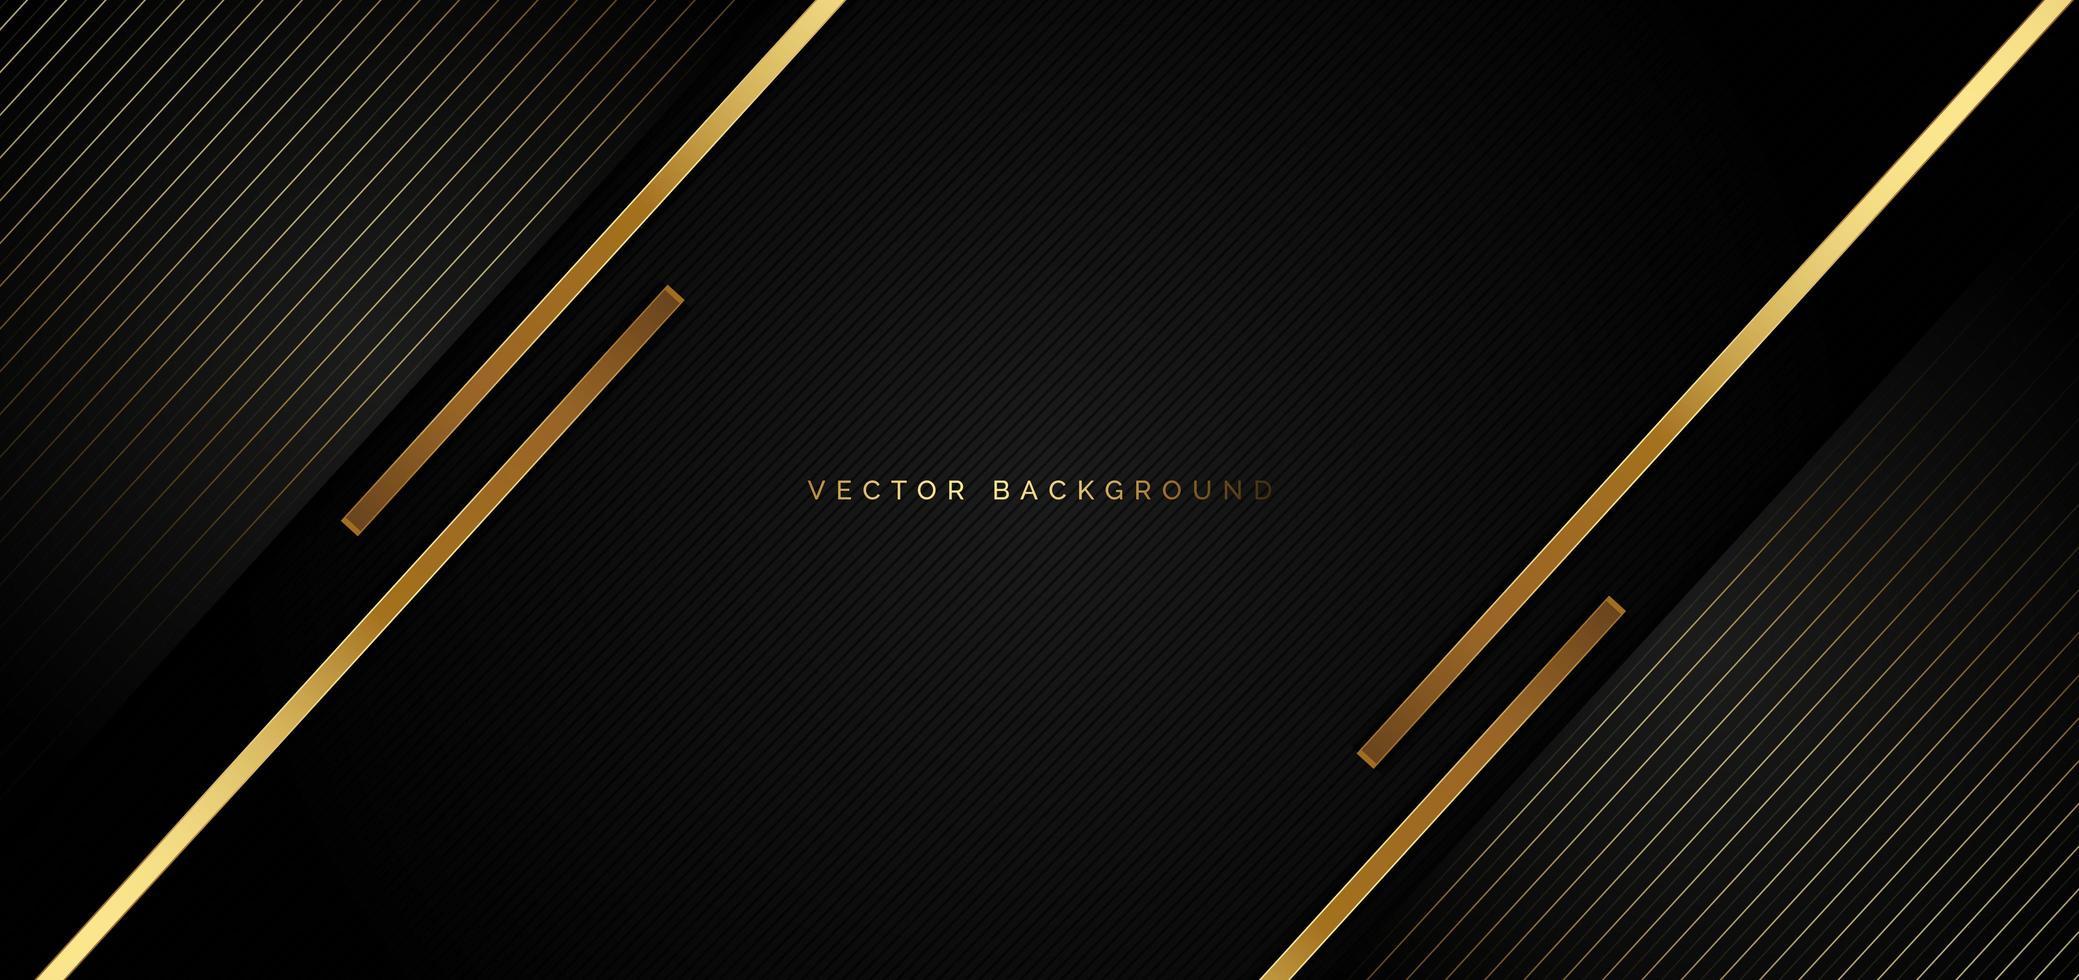 sfondo nero con strisce dorate in uno stile di lusso vettore